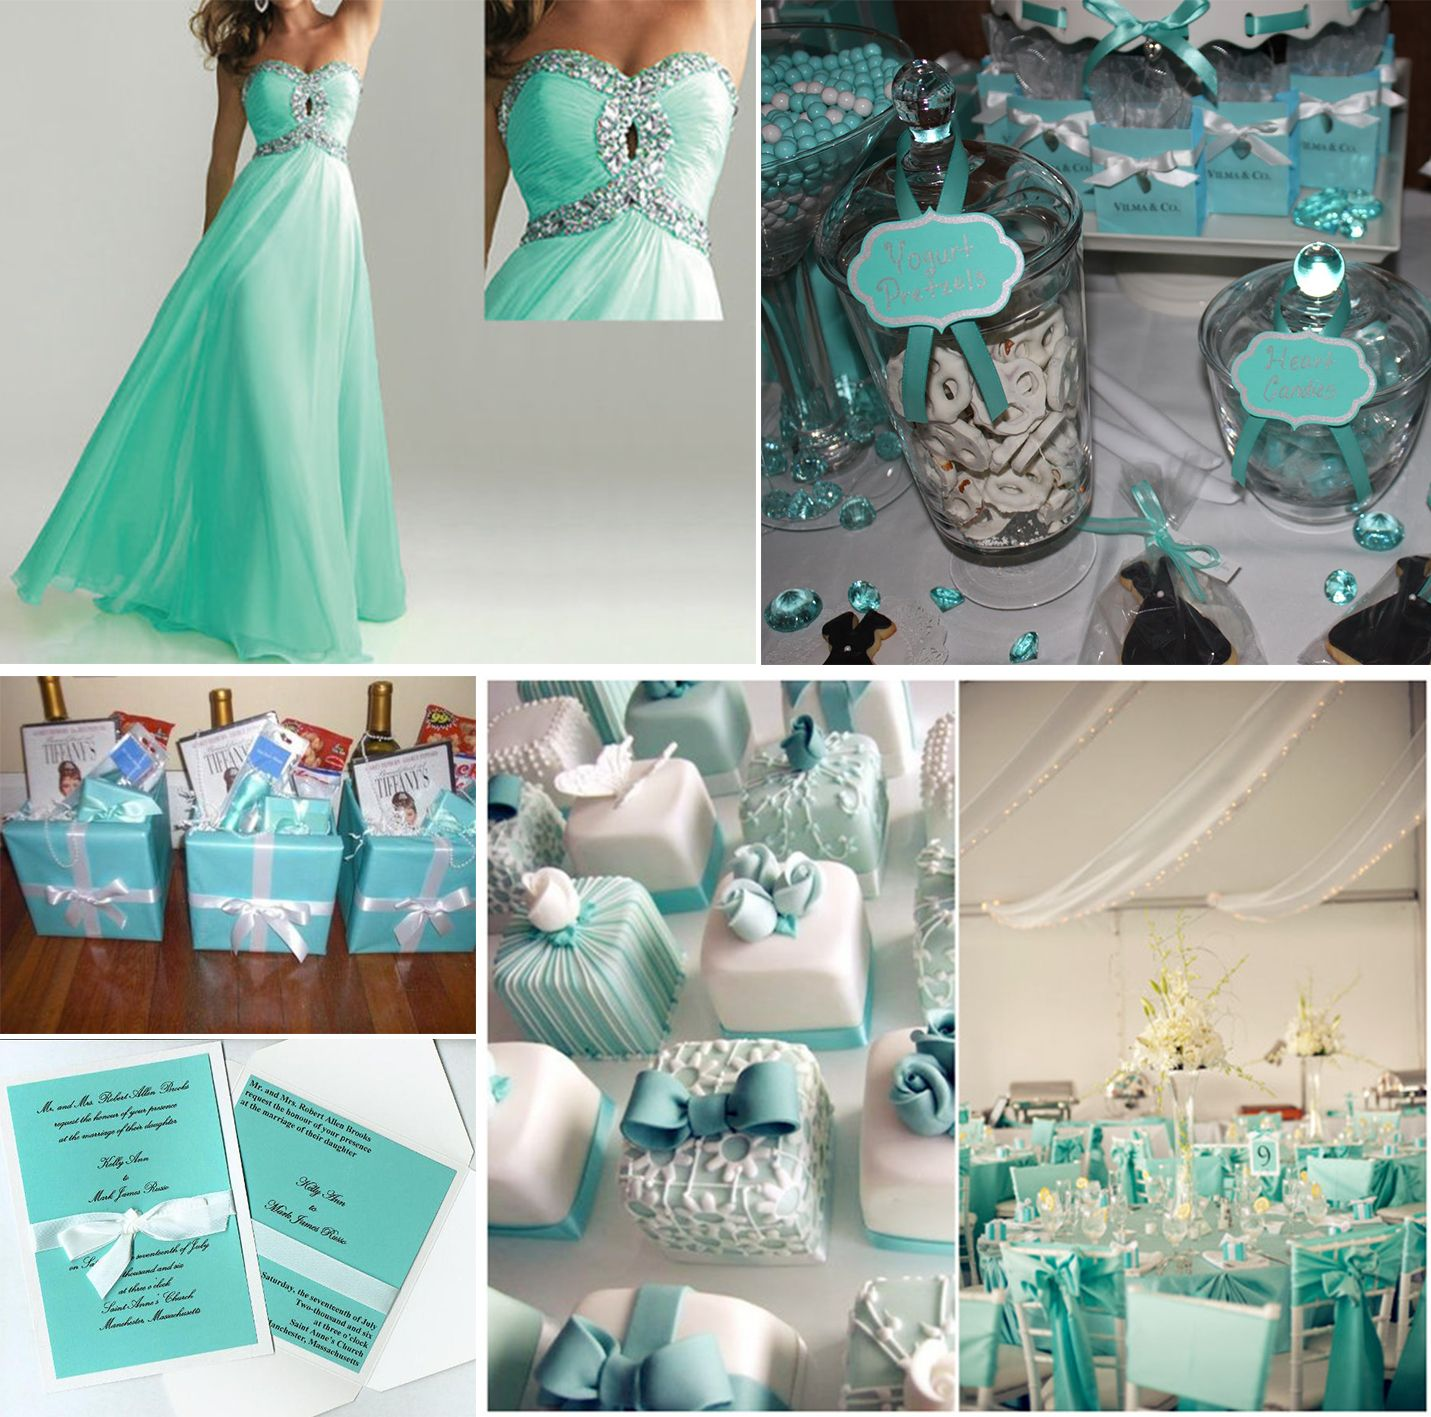 The Tiffany Blue Theme Wedding Ideas: Tiffany Blue And Mint Green Wedding